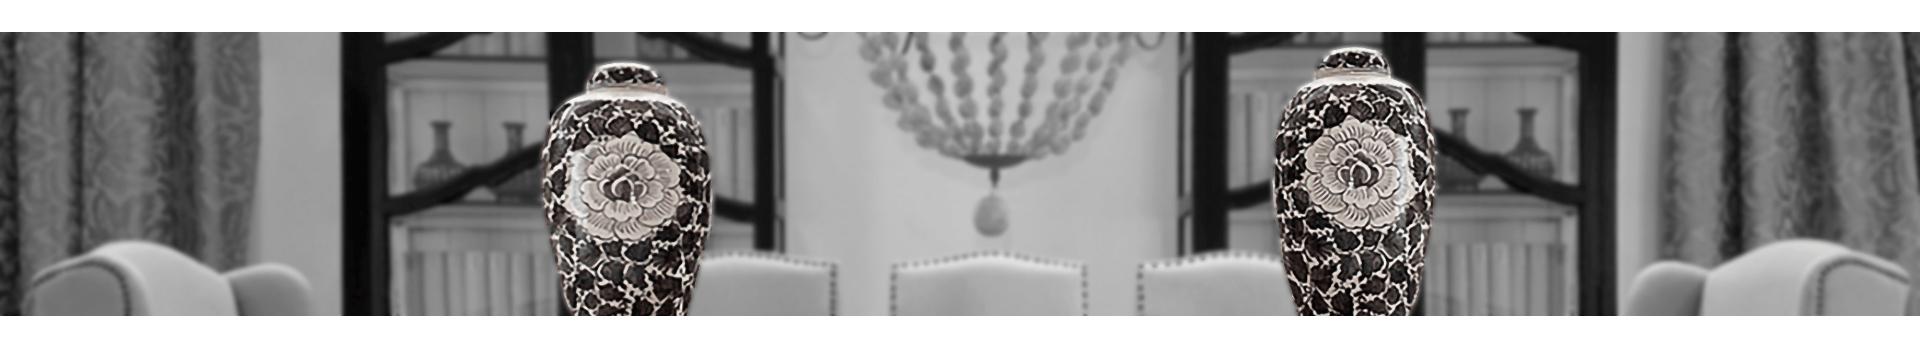 Jarrones Decorativos para el Hogar | Mobelfy ®